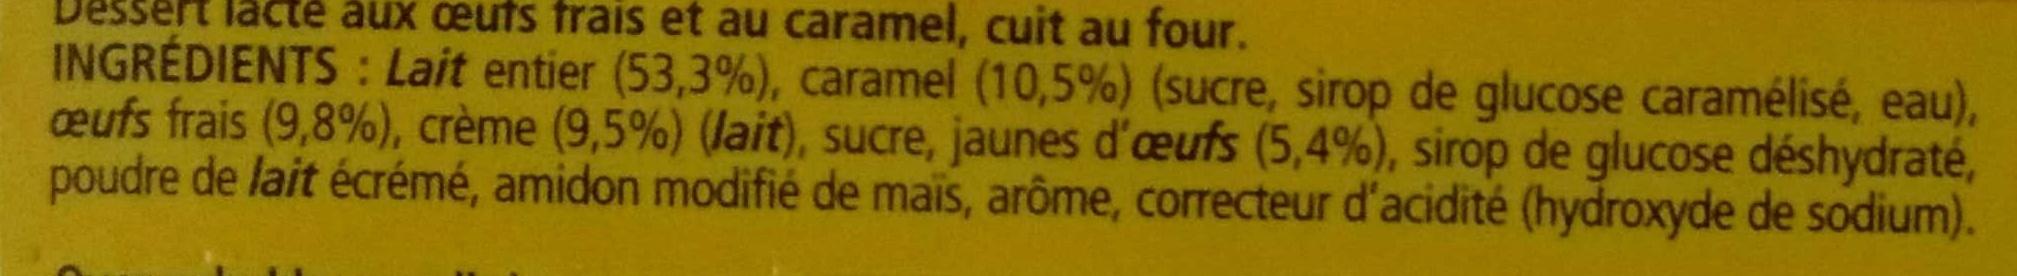 Le Petit Pot de Crème au Caramel (Offre Découverte) - Ingredients